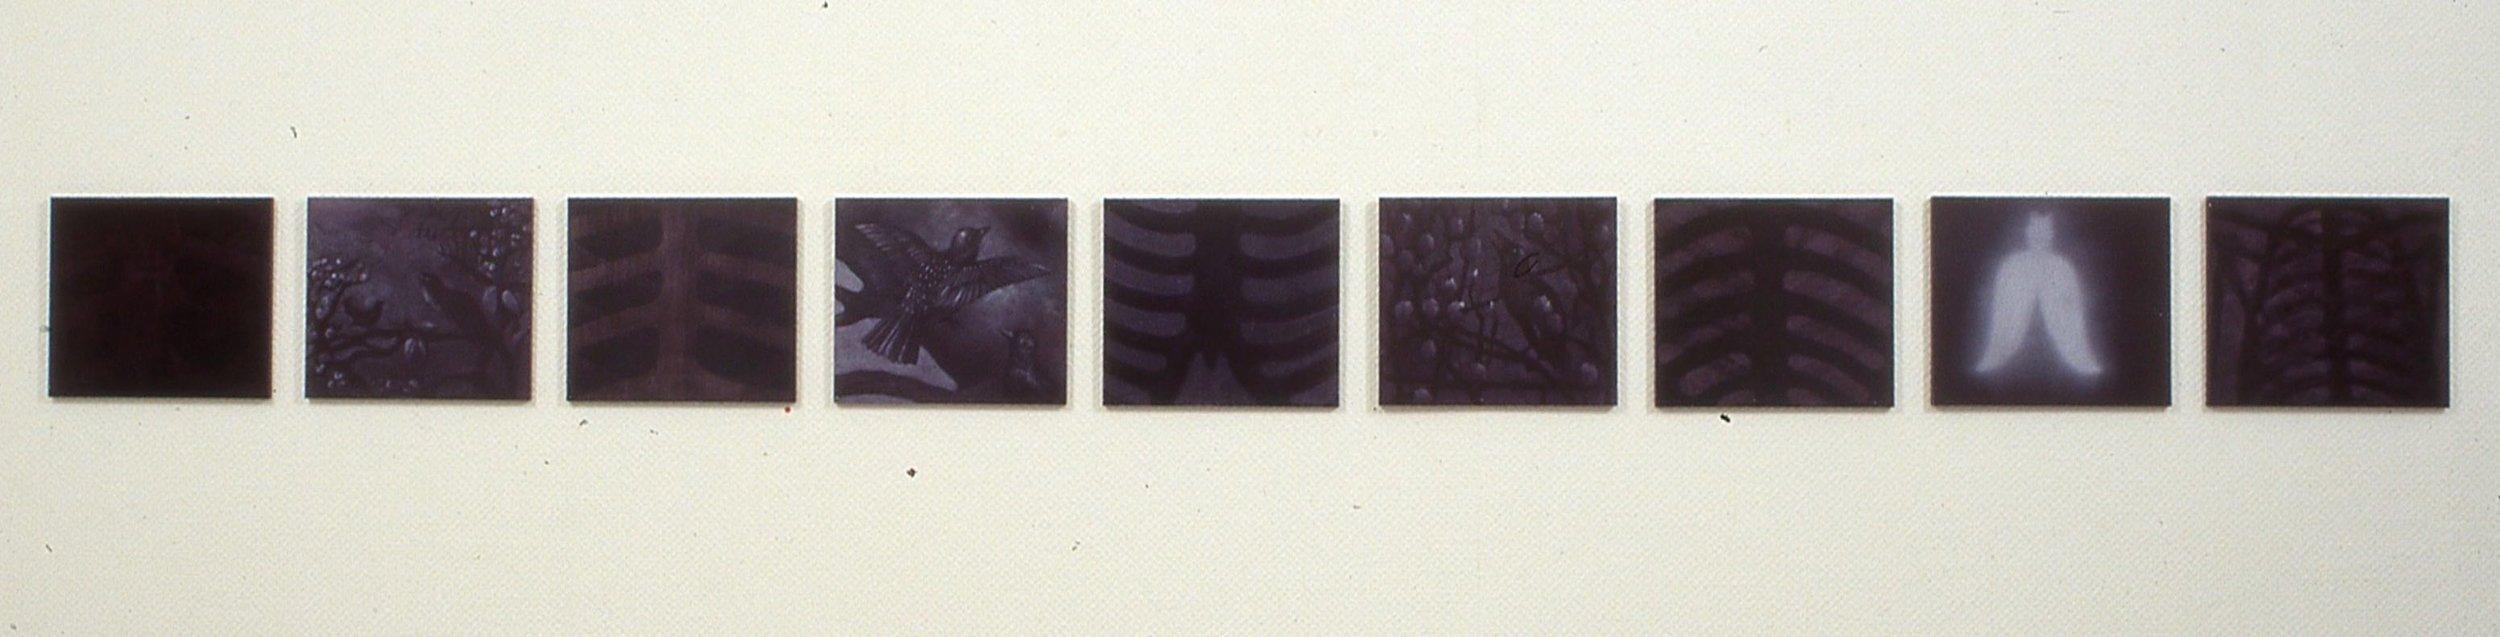 Om natten  serie 1-9 27x31cm olj/akryl på plate 2000